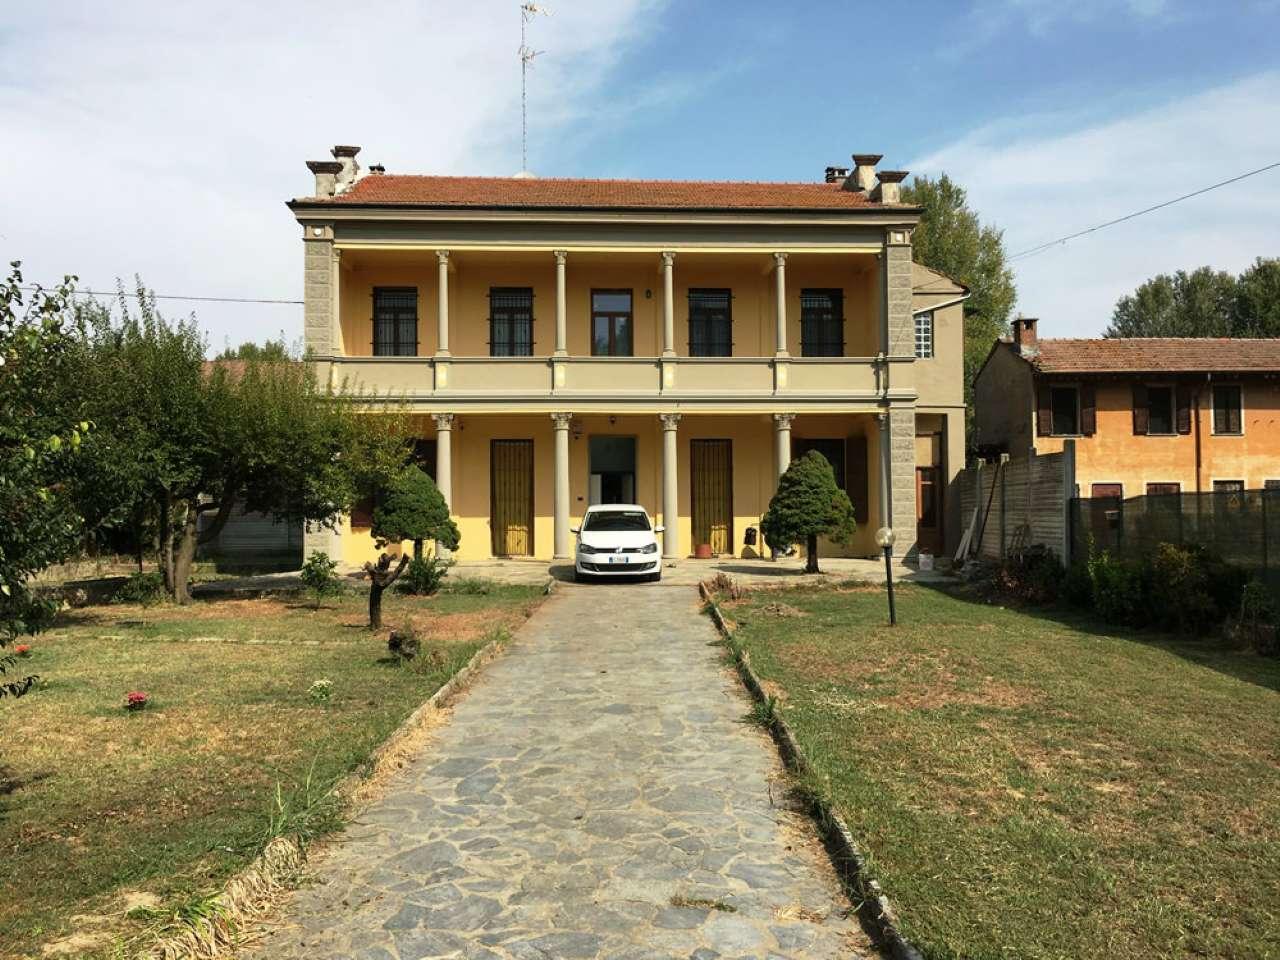 Soluzione Indipendente in vendita a Mortara, 5 locali, prezzo € 115.000 | CambioCasa.it